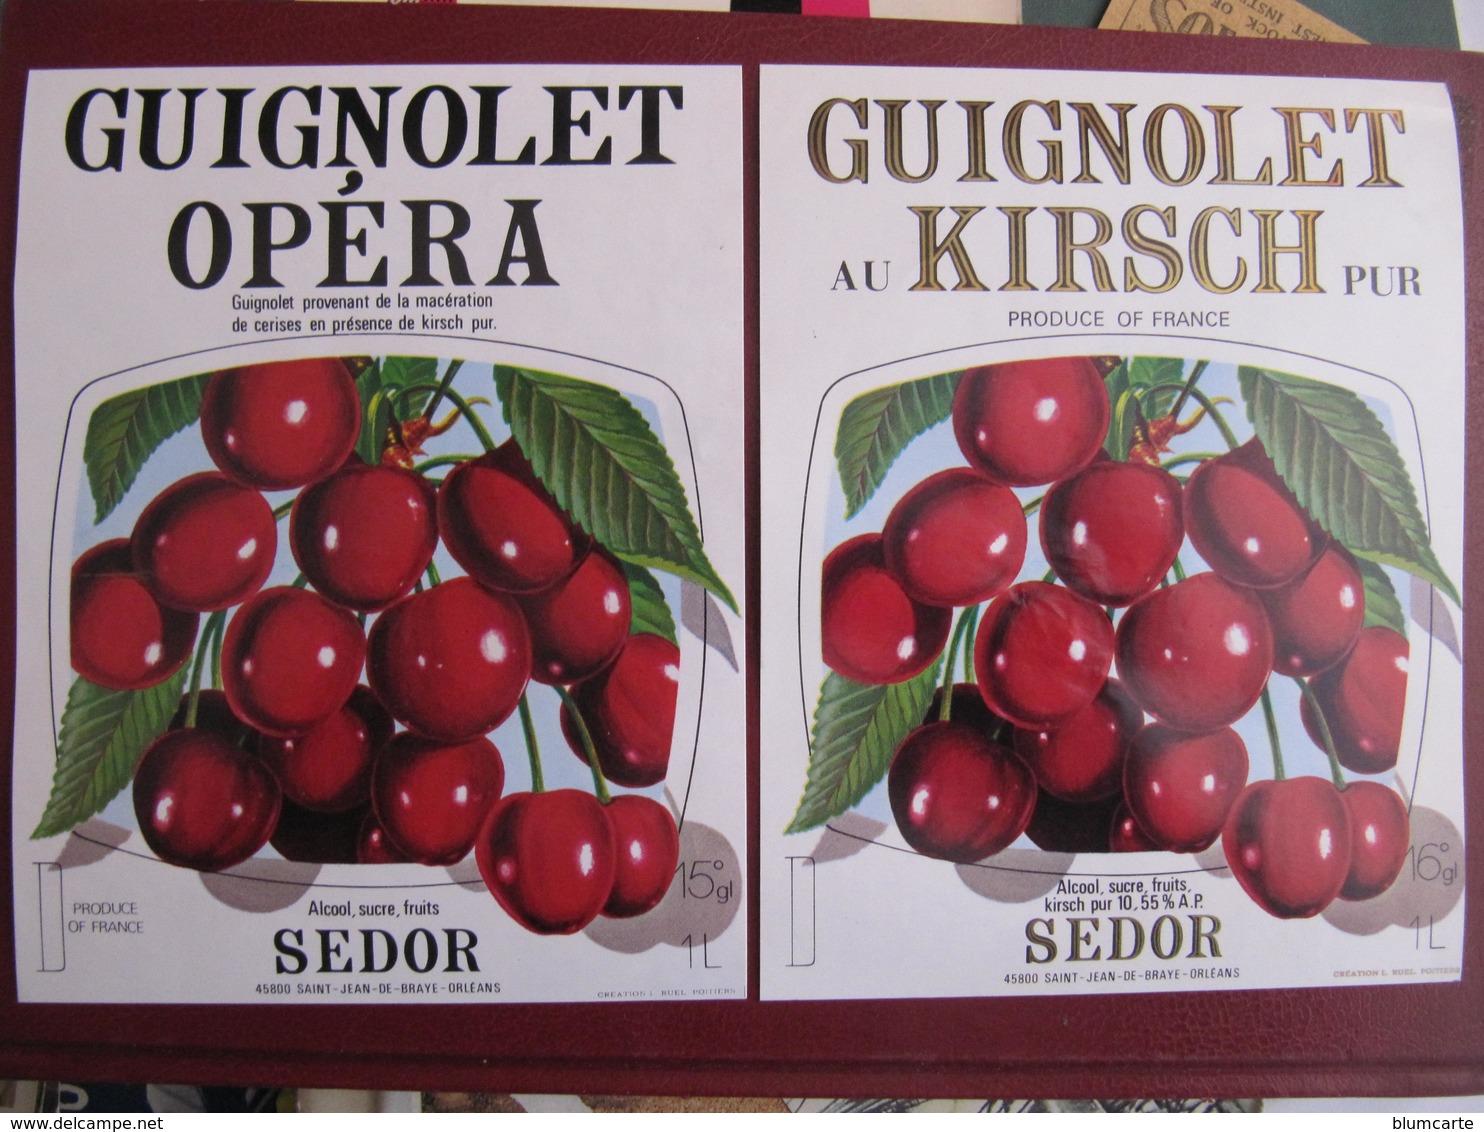 2 Etiquettes - GUIGNOLET OPERA - GUIGNOLET KIRSCH - SEDOR - ST JEAN DE BRAYE - Etiquettes